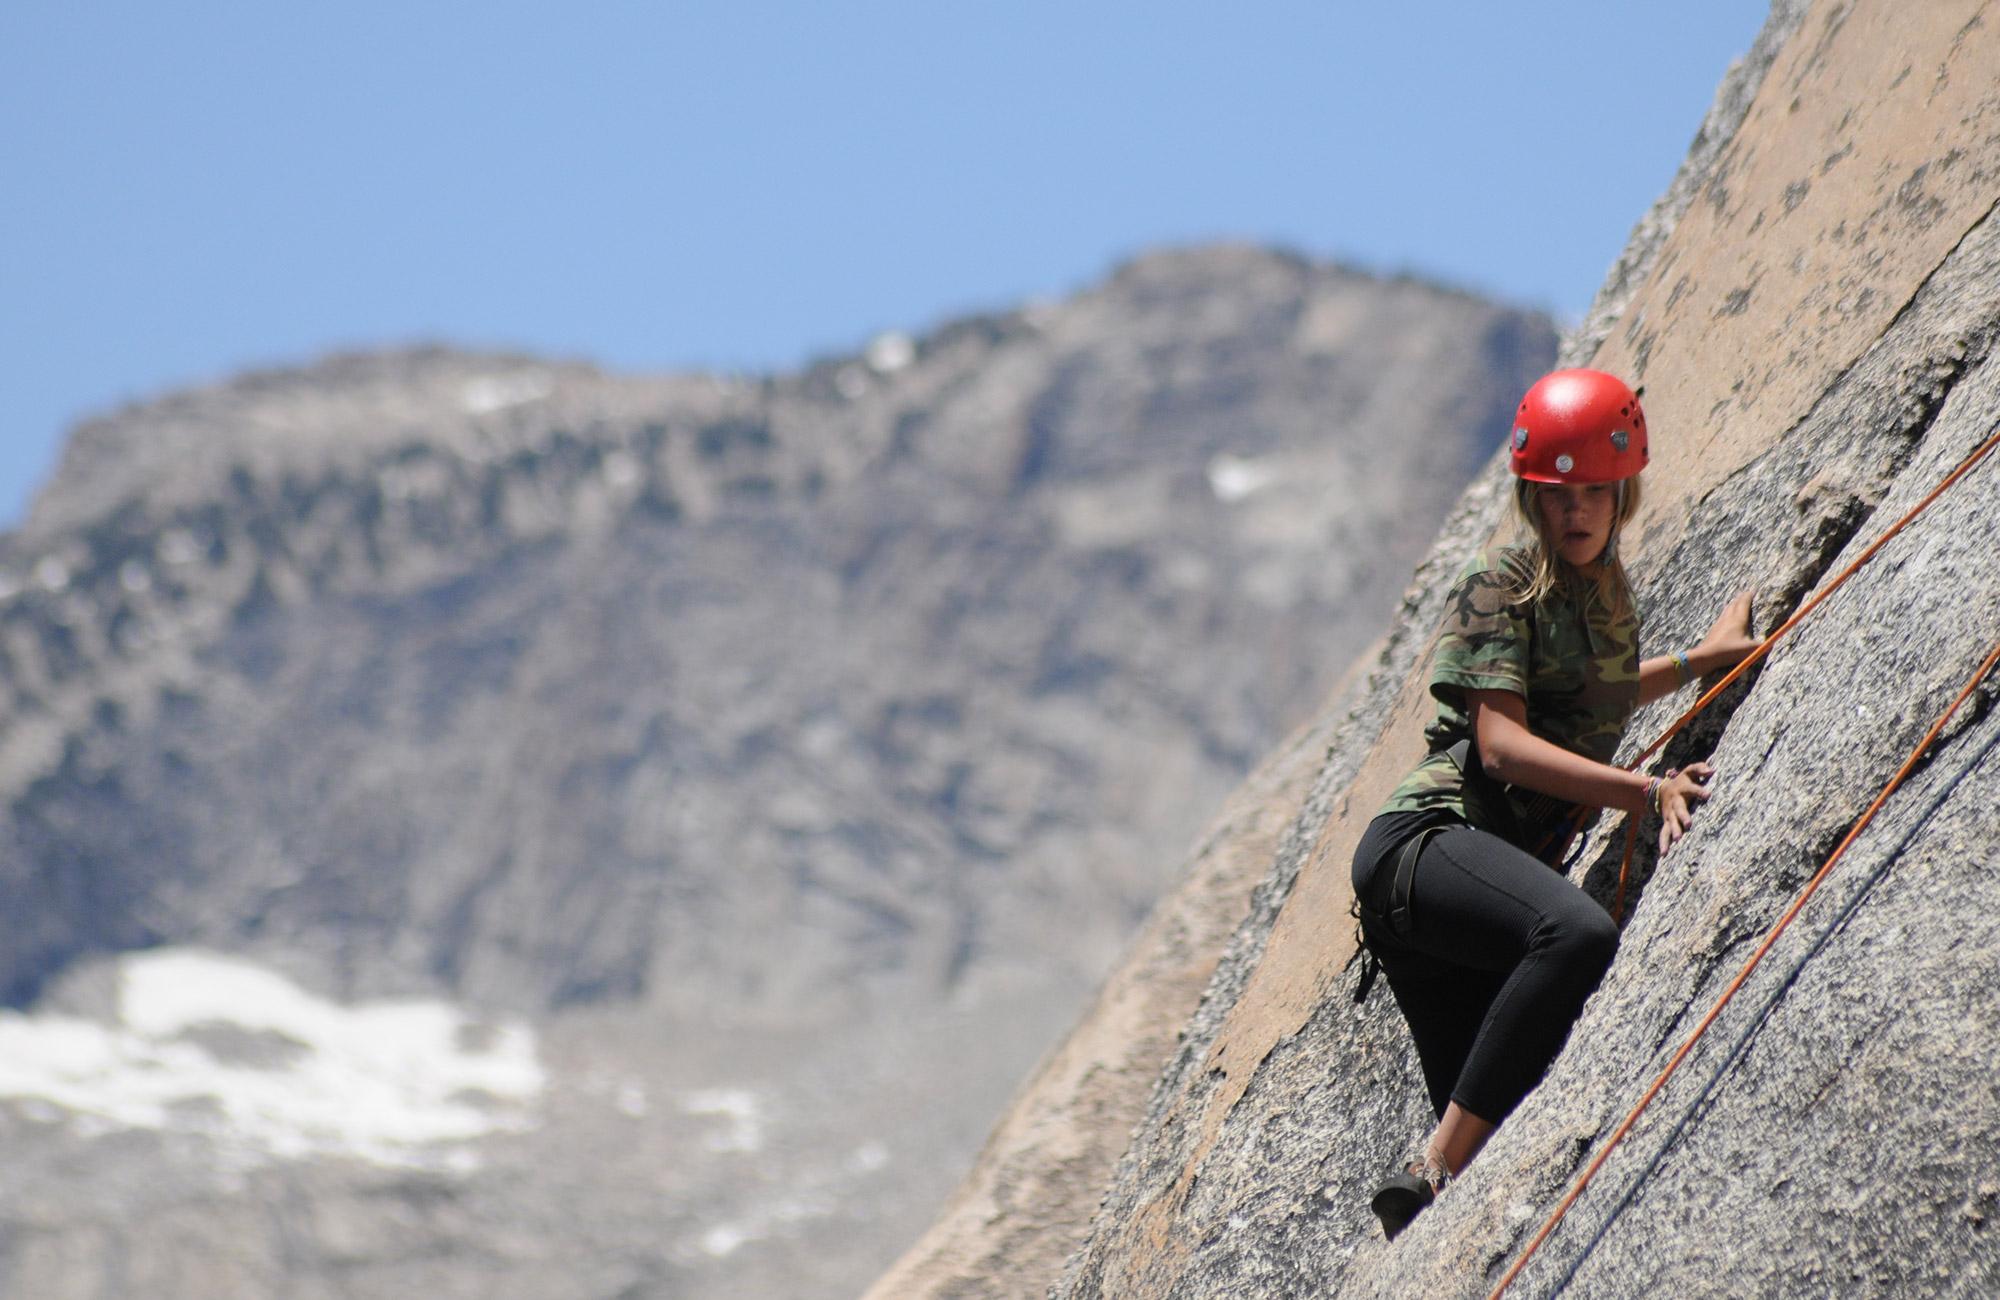 yosemite rock climb moondance